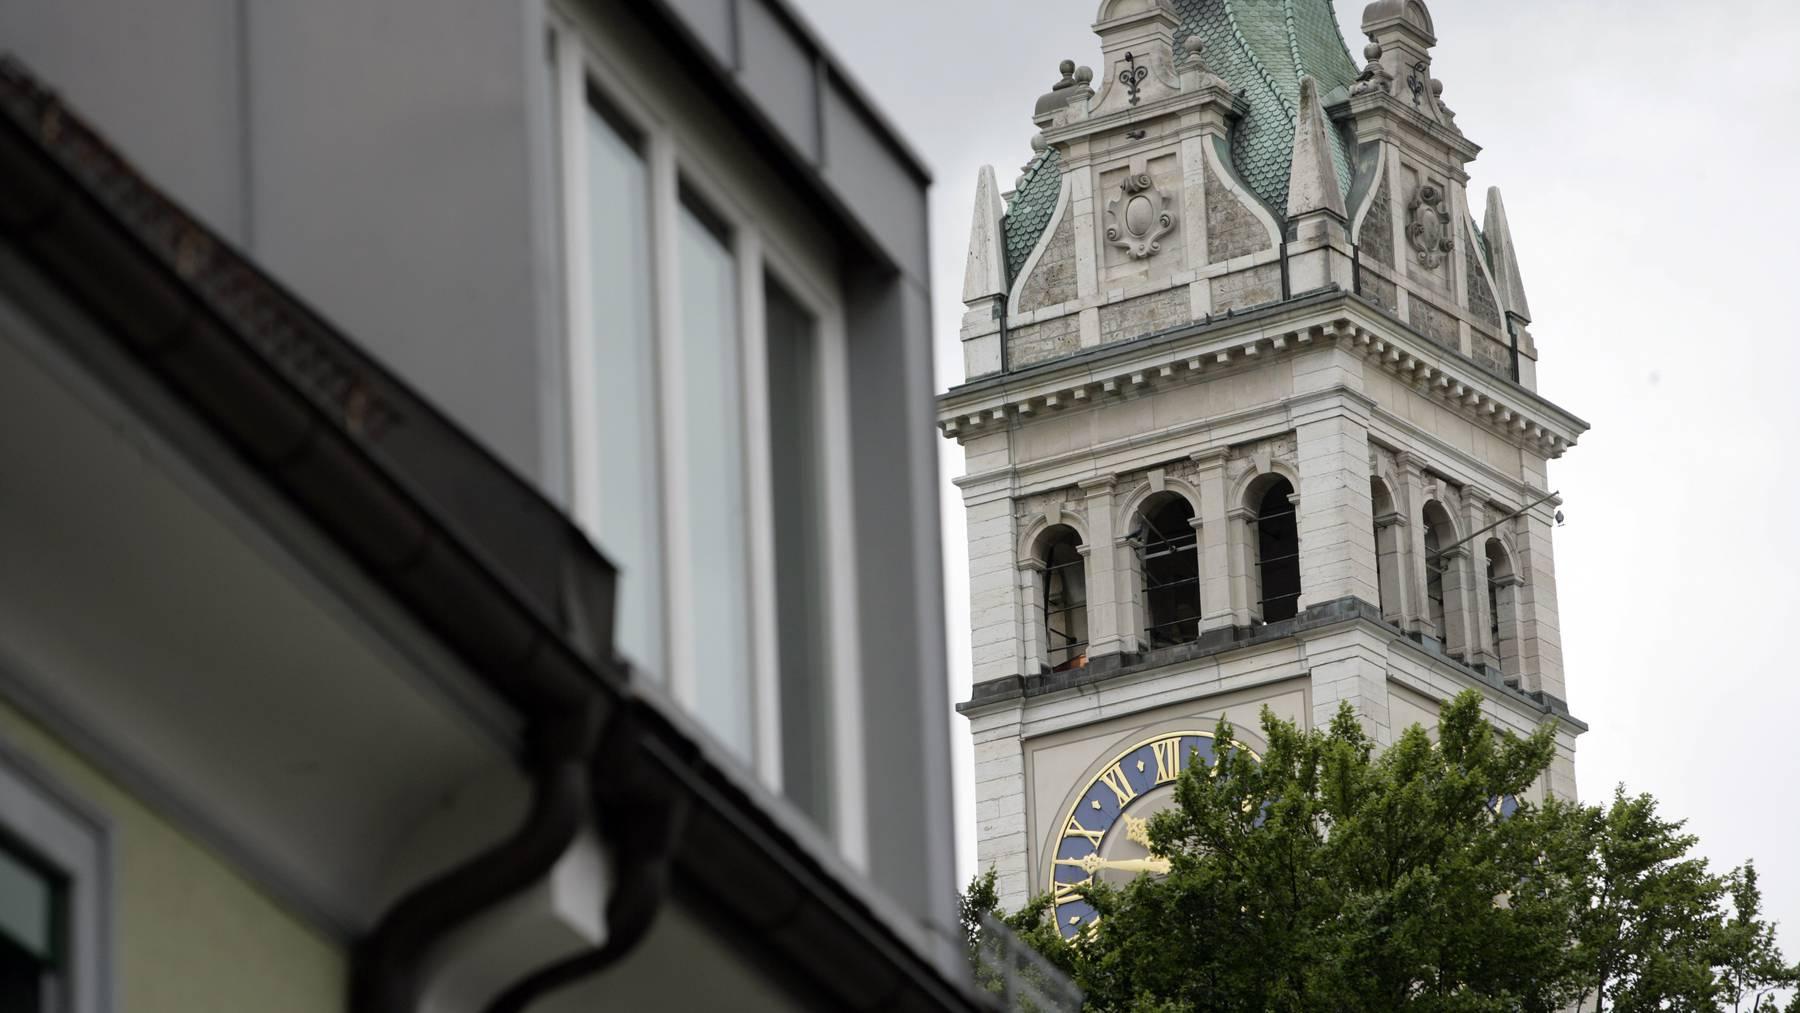 Kein Glockenschlag bis September: Die Uhren der Linsebühl-Kirche stehen still.